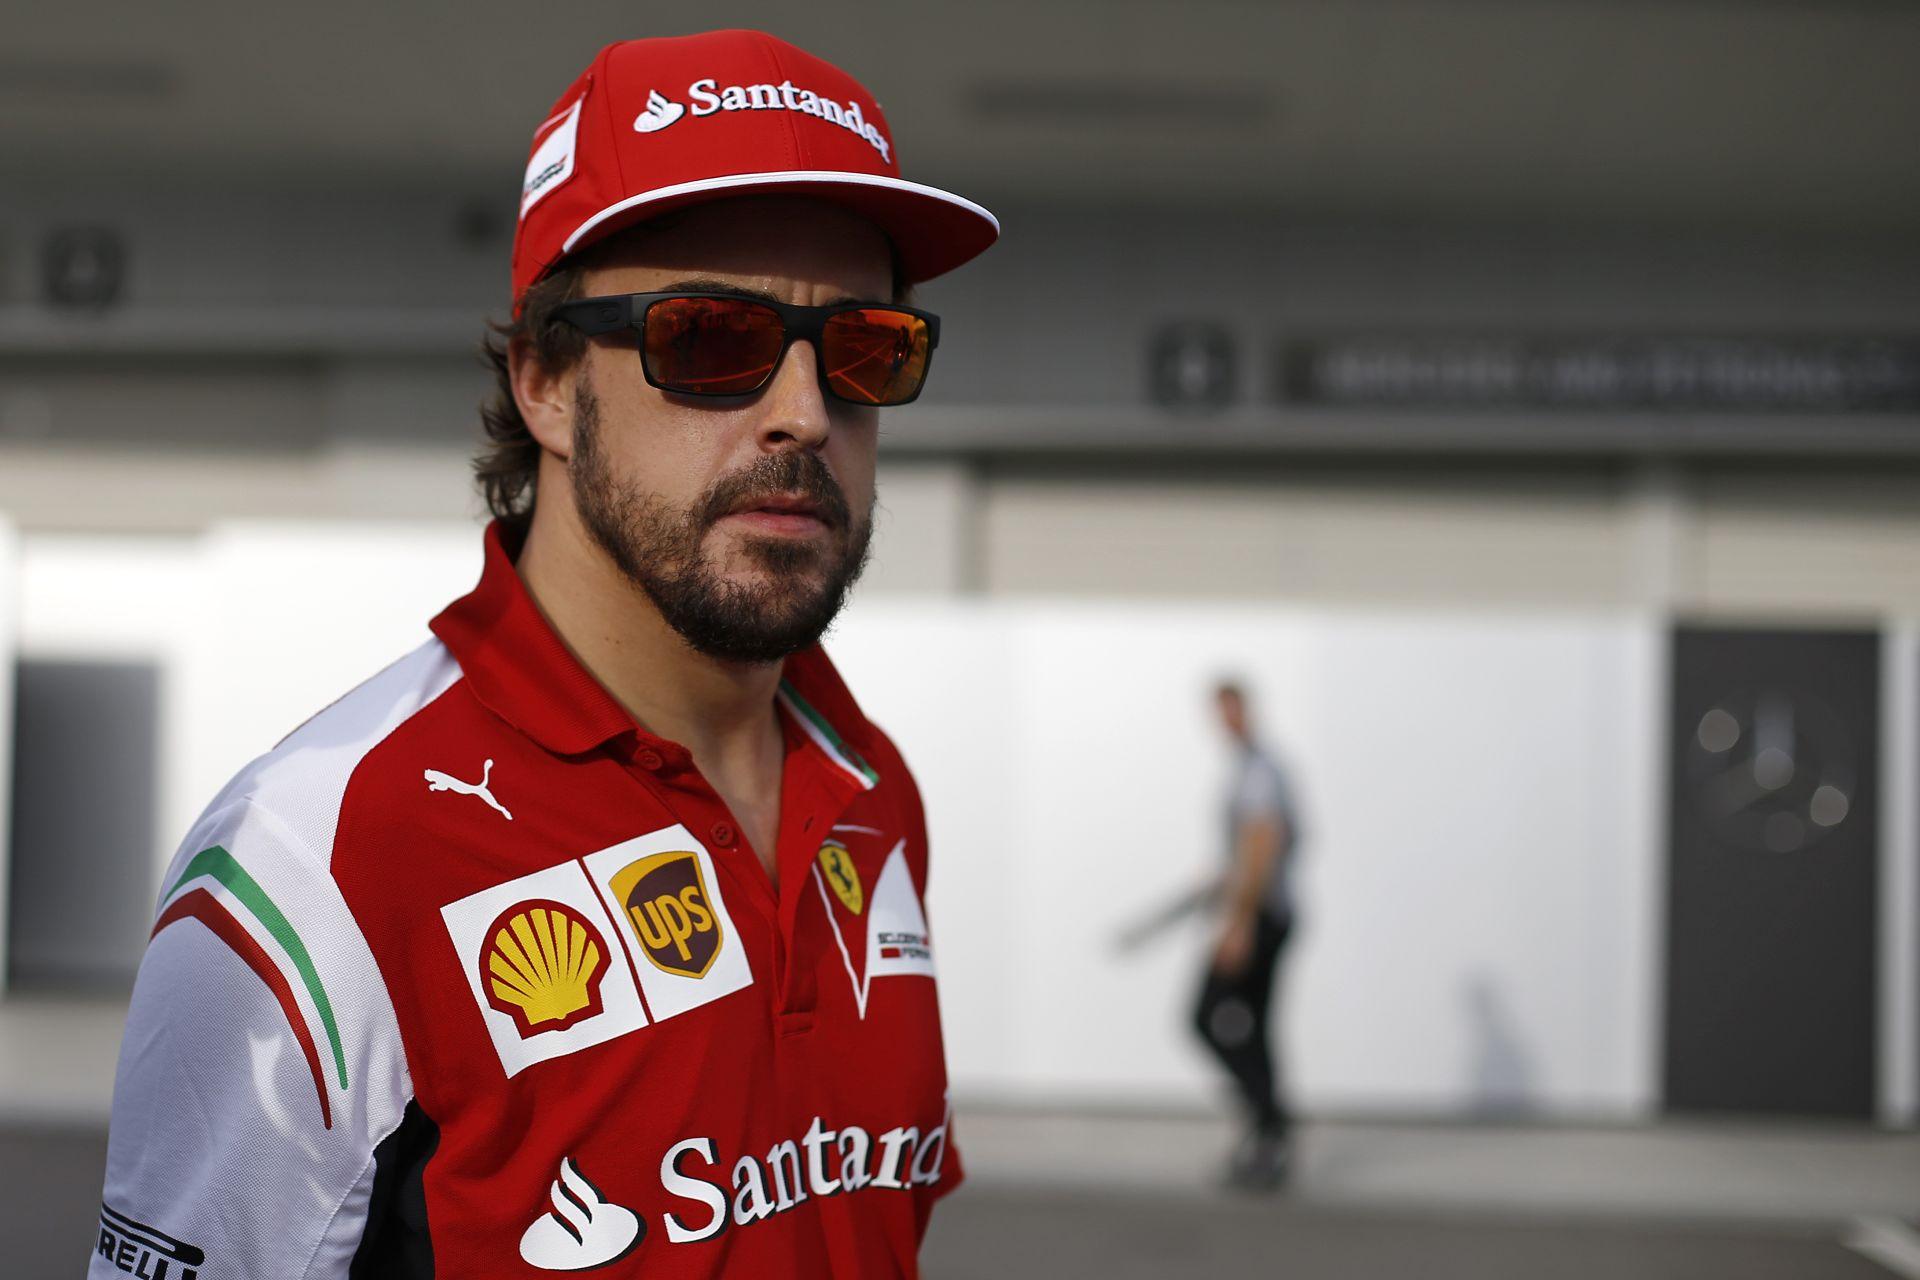 Alonso az F1-es karrierjével játszik, rövidesen döntenie kell